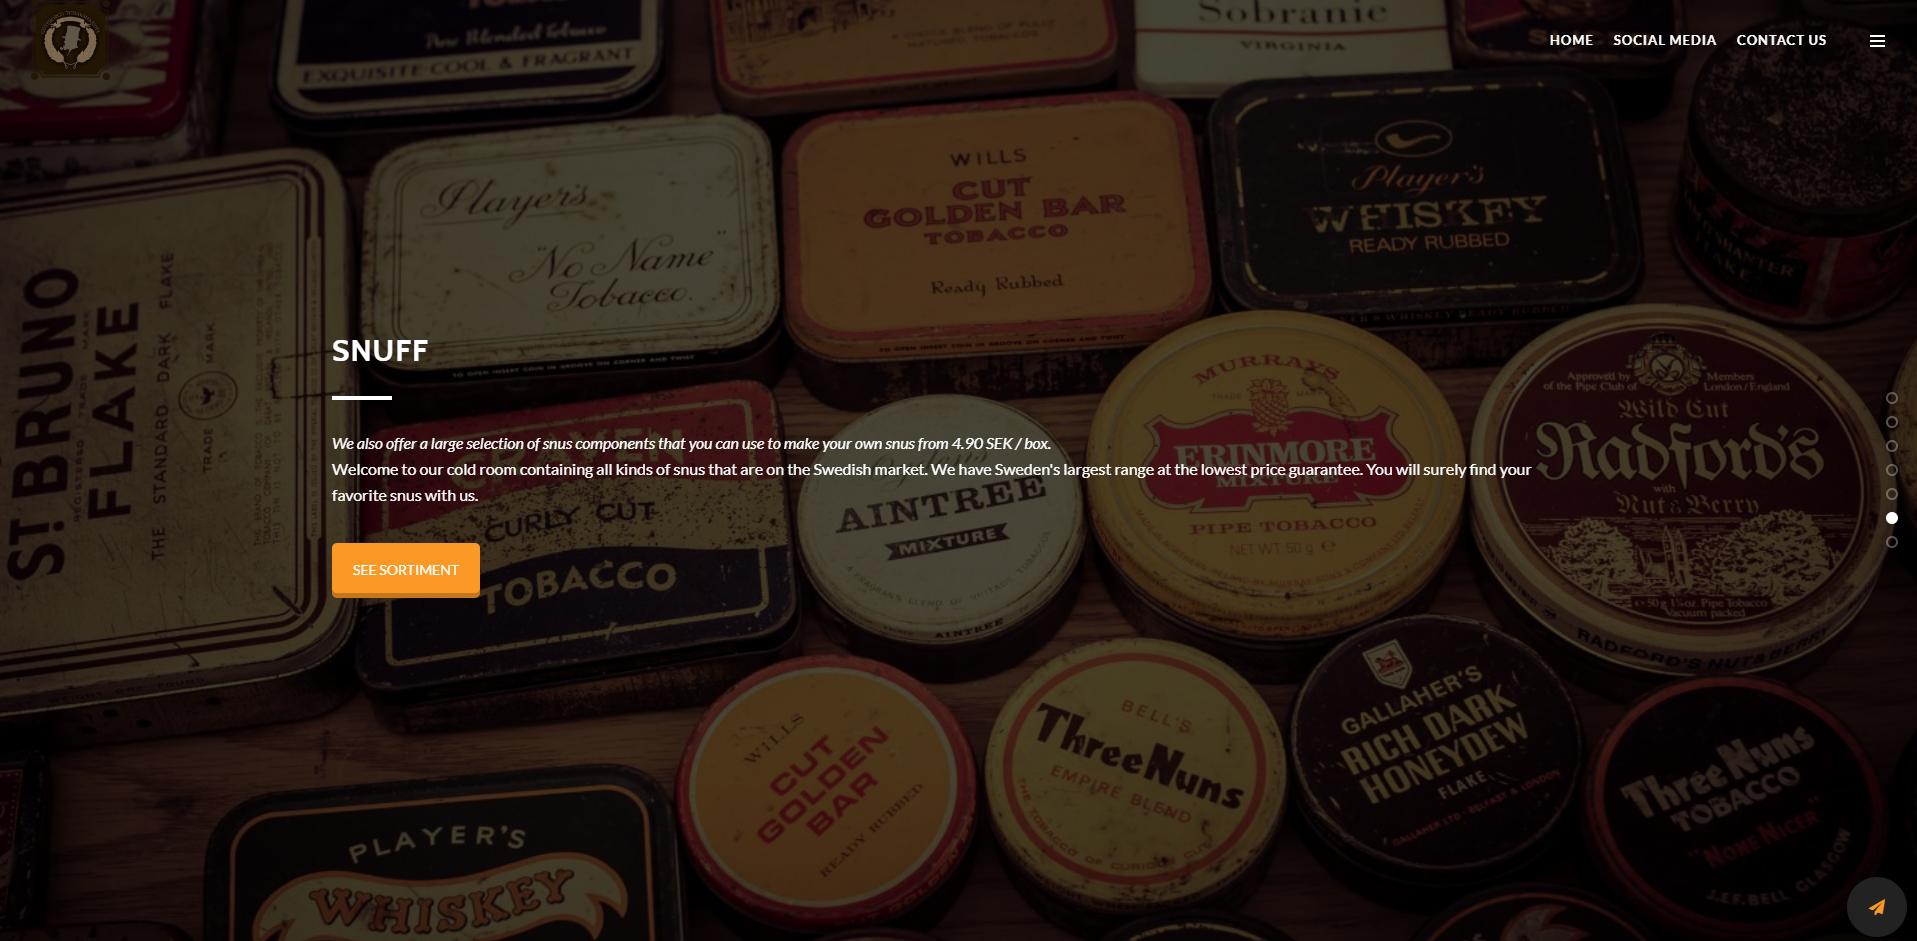 Gothenburg Tobacco - Website Design